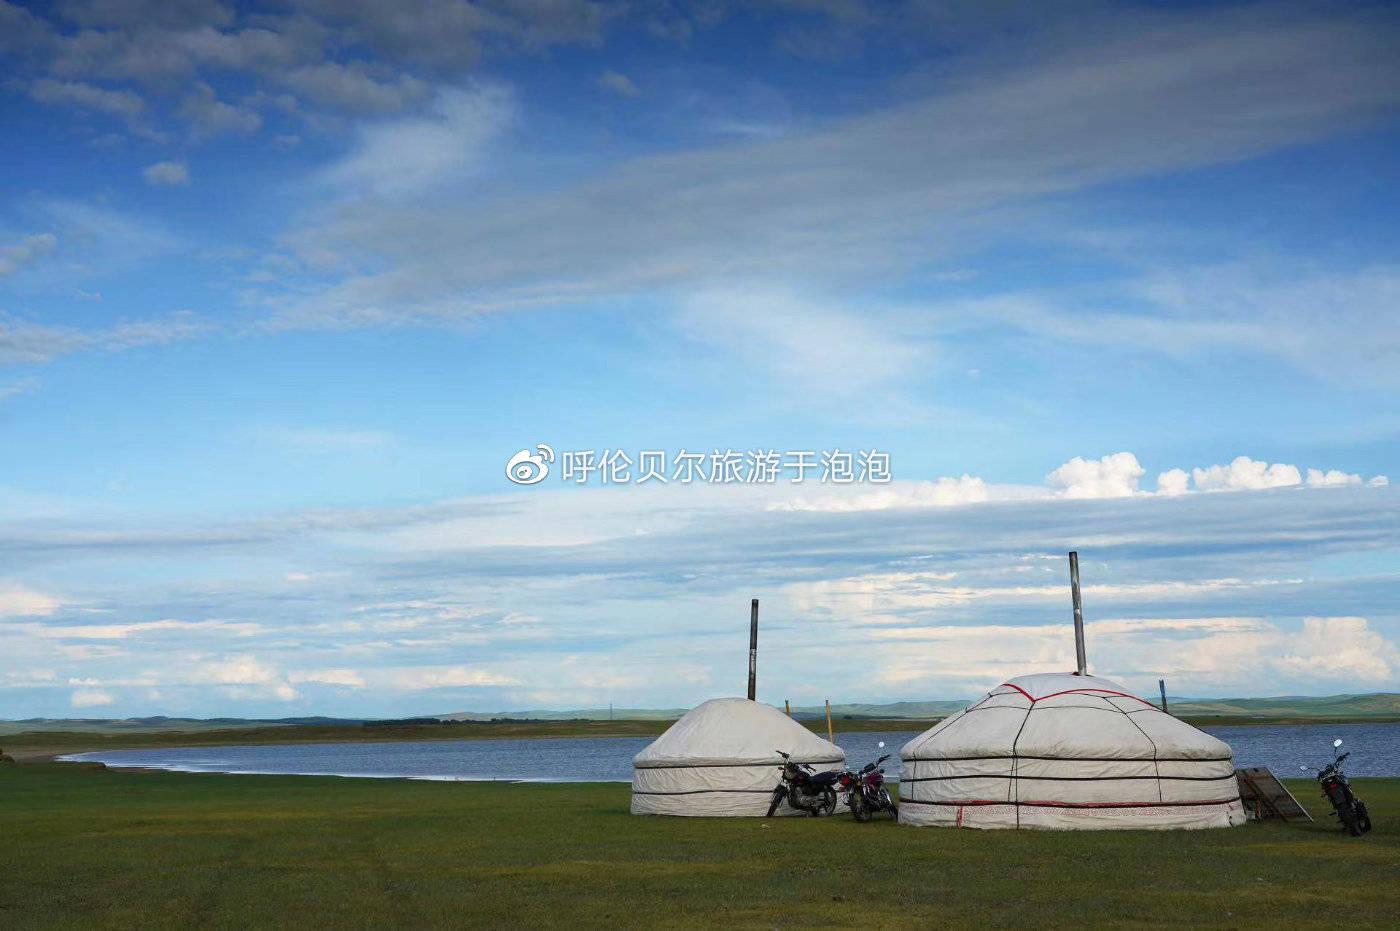 梦见蒙古包样的房子 梦见蒙古包意味着什么